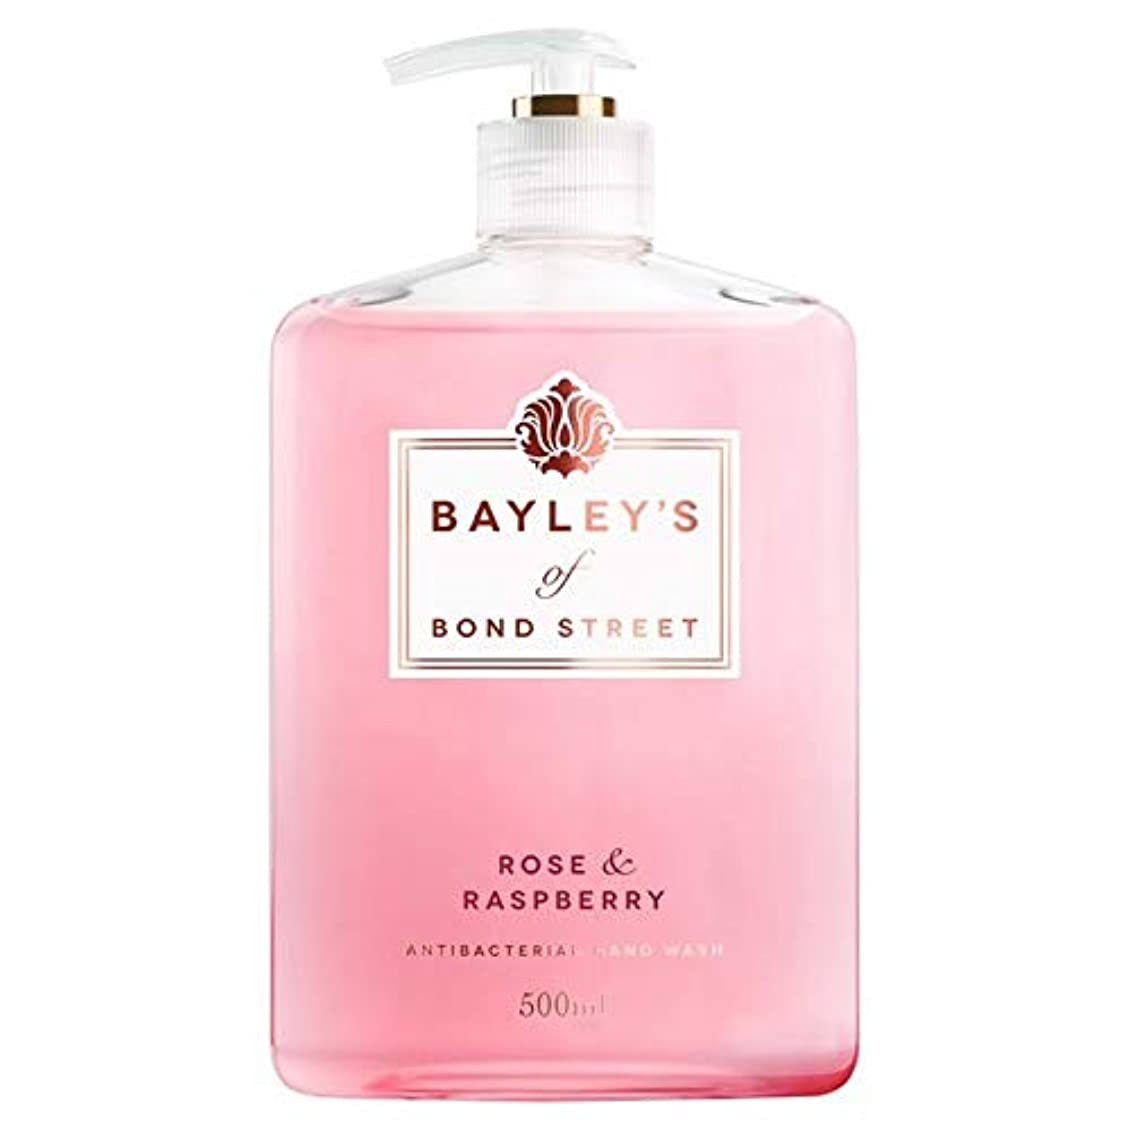 白鳥化粧最後に[Bayley's of Bond Street ] ベイリーのボンドストリートのは、ローズ&ラズベリーのハンドウォッシュ500ミリリットル - Bayley's of Bond Street Rose & Raspberry...